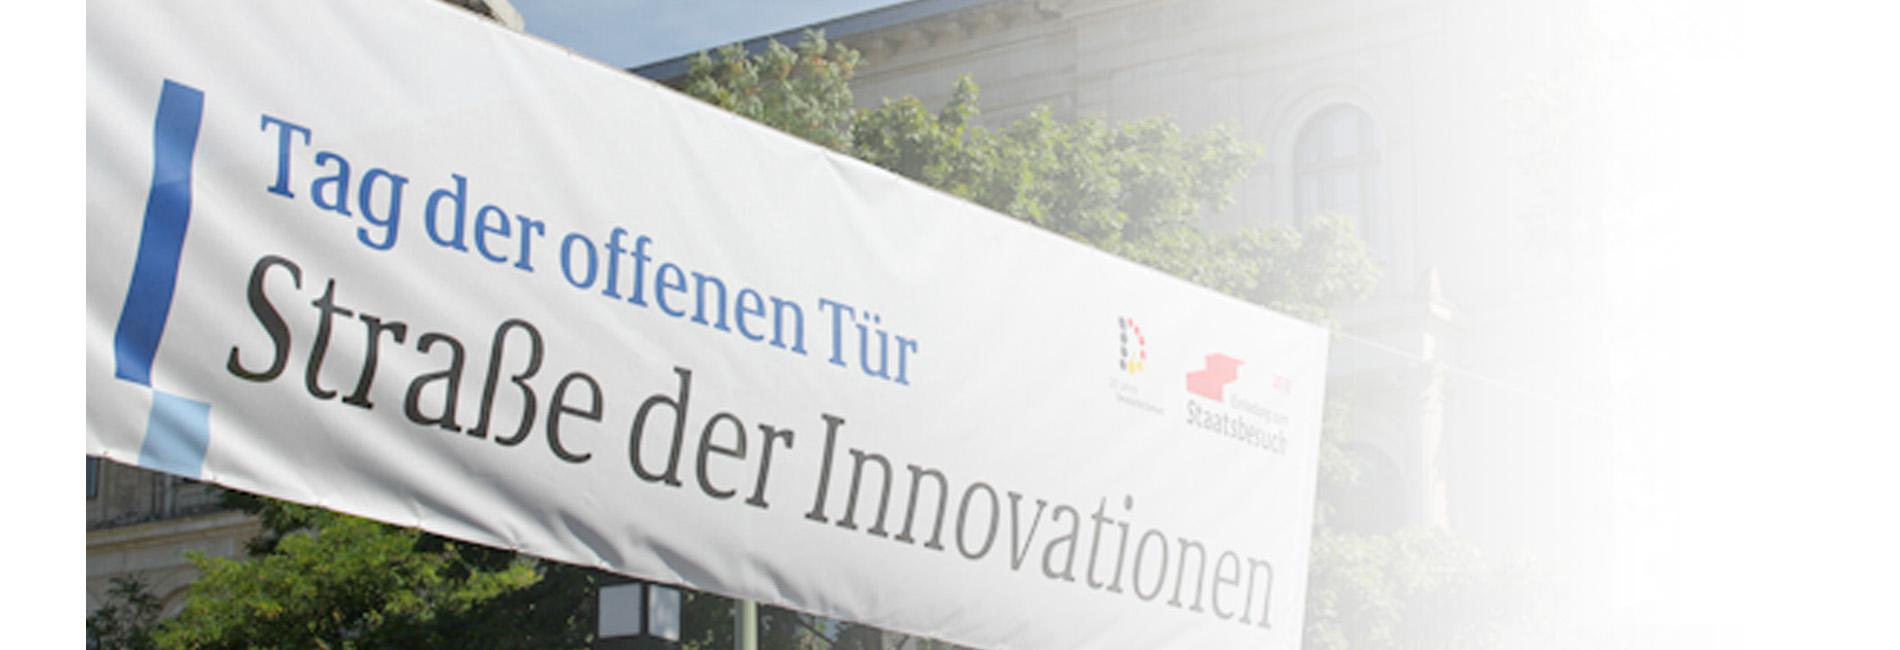 Trends, Innovationen & jede Menge Zukunft: der Tag der offenen Tür